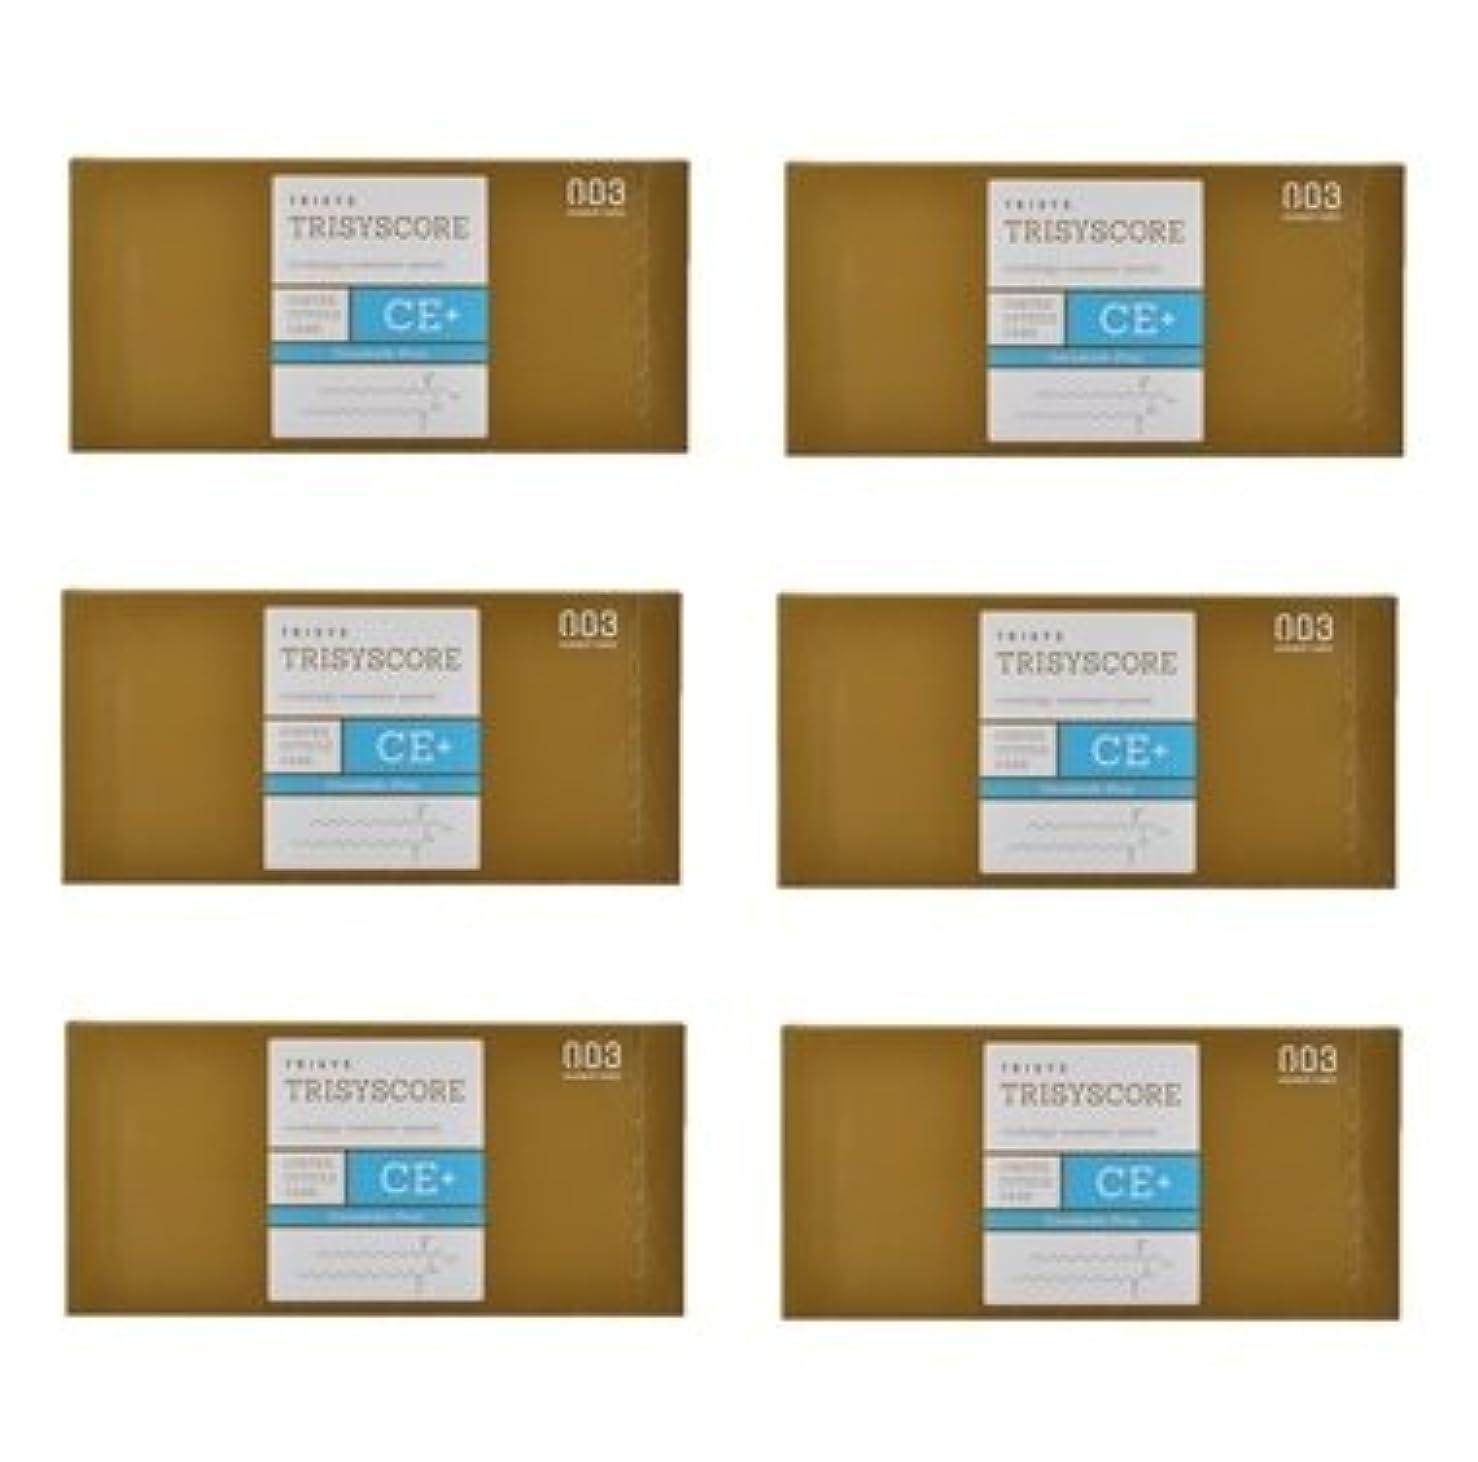 ナース黒医薬品【X6個セット】ナンバースリー トリシスコア CEプラス (ヘアトリートメント) 12g × 4包入り